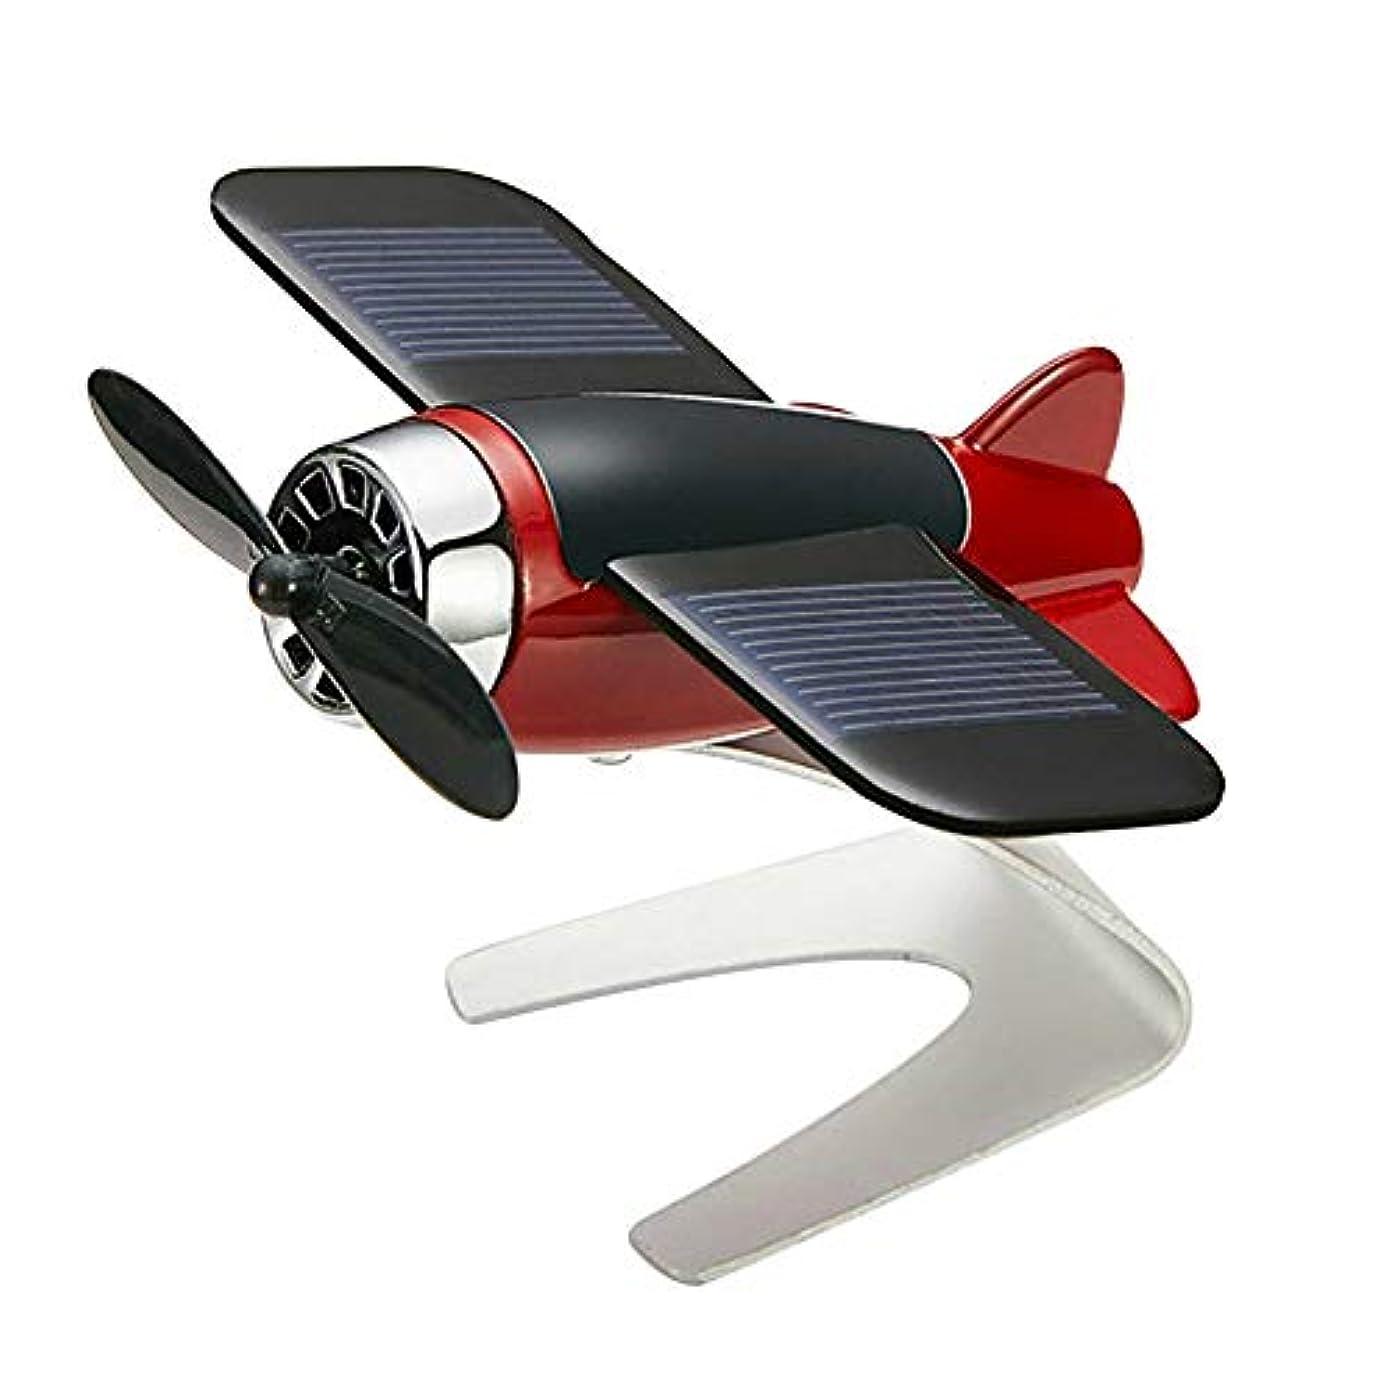 真珠のような満足させるこっそりSymboat 車の芳香剤飛行機航空機モデル太陽エネルギーアロマテラピー室内装飾